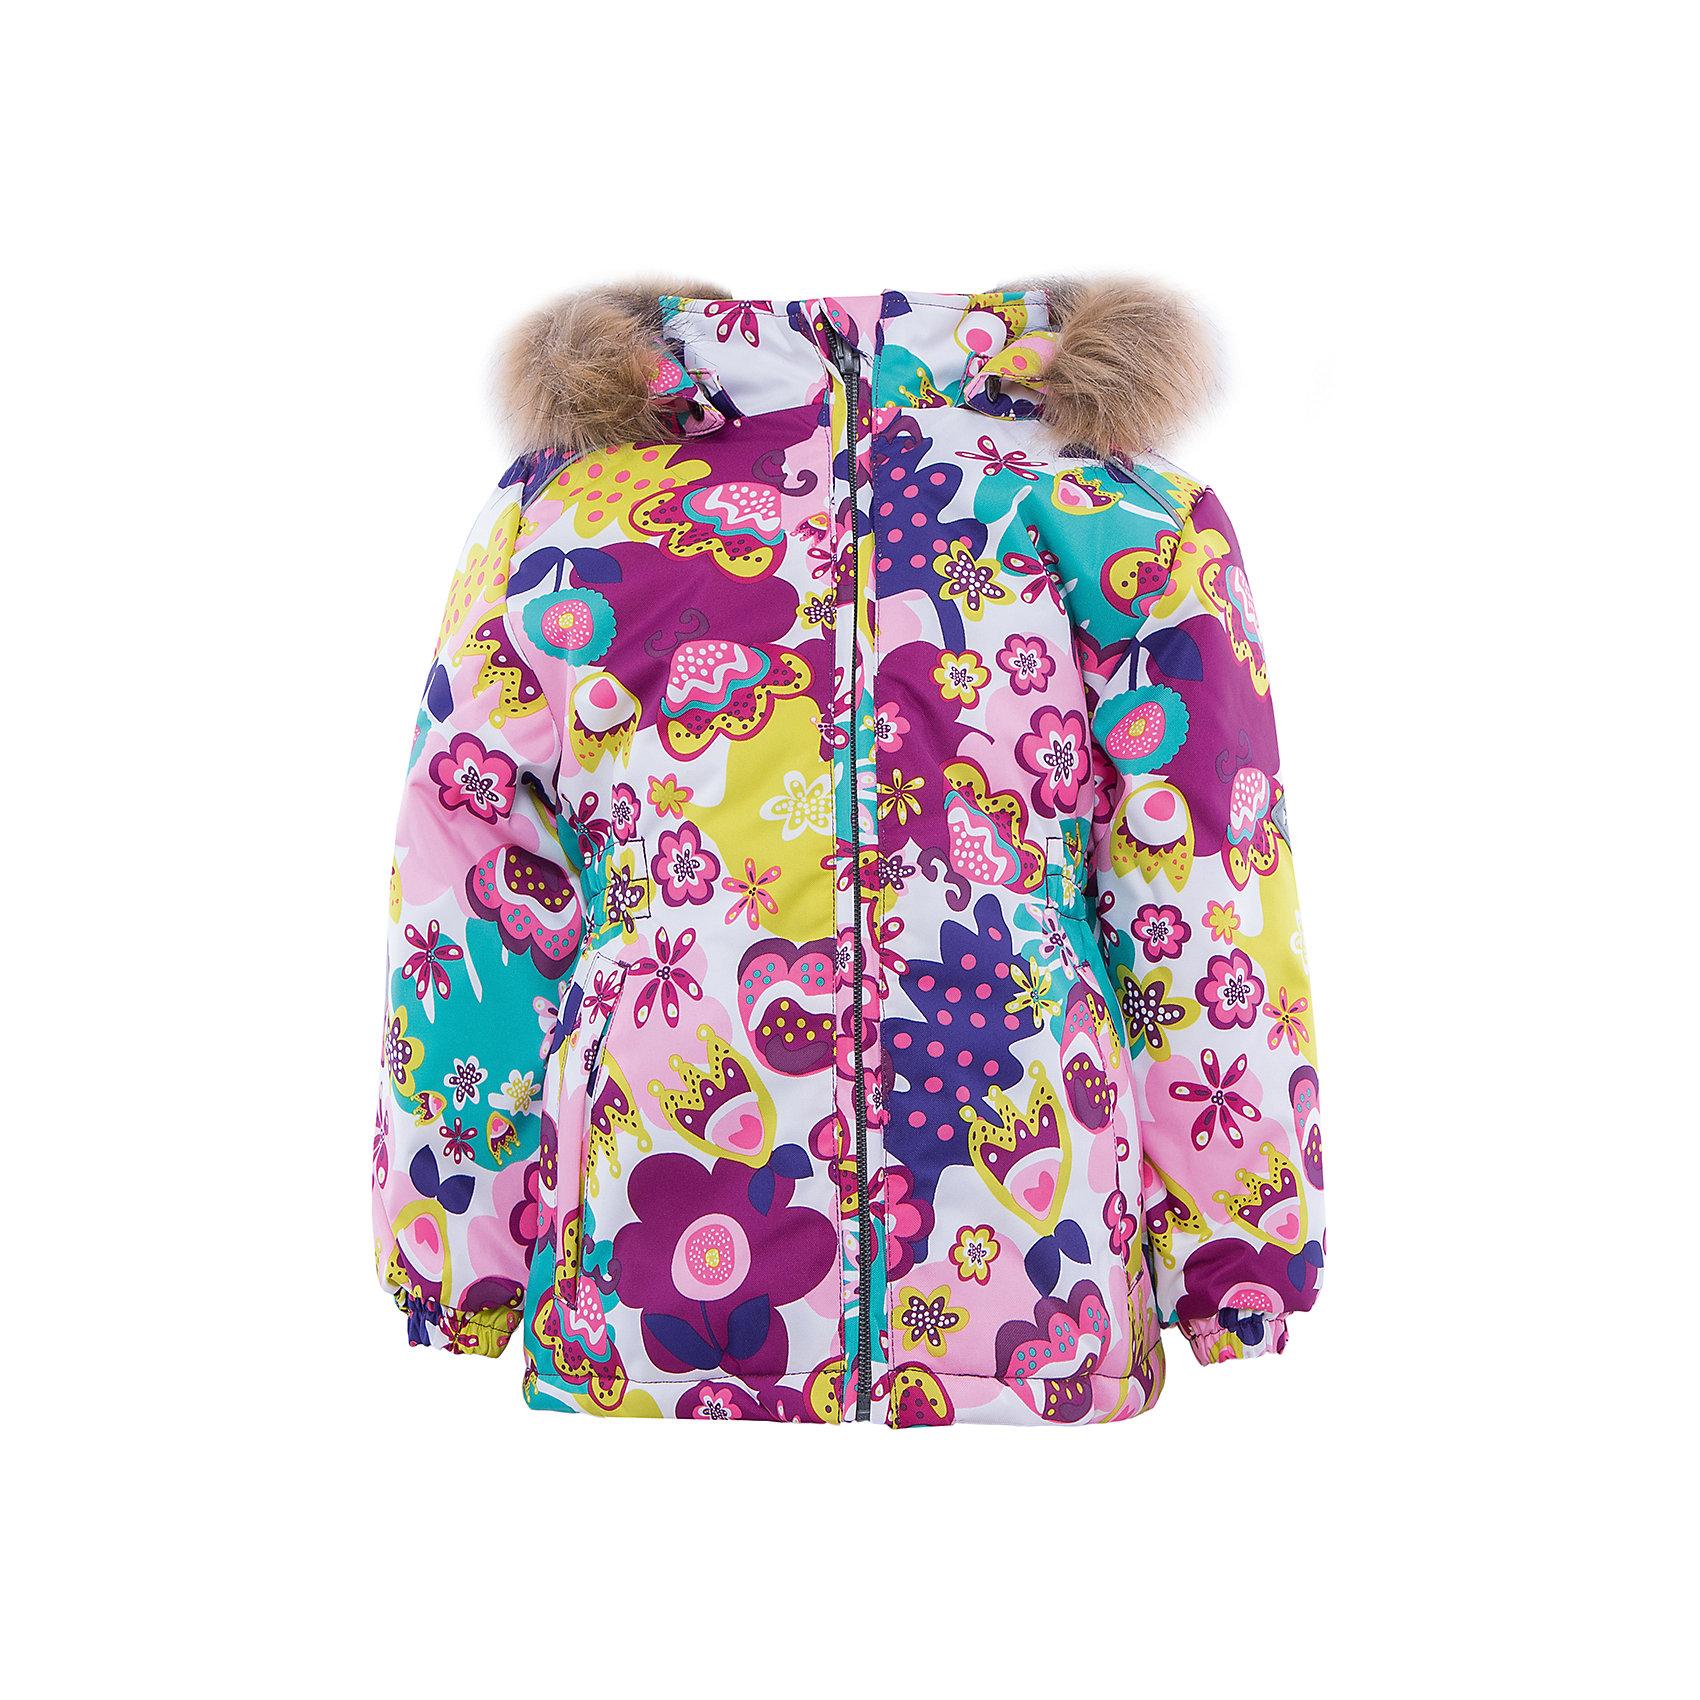 Куртка   для девочки HuppaКуртка MARII Huppa (Хуппа).<br><br>Утеплитель: 100% полиэстер, 300 гр.<br><br>Температурный режим: до -30 градусов. Степень утепления – высокая. <br><br>* Температурный режим указан приблизительно — необходимо, прежде всего, ориентироваться на ощущения ребенка. Температурный режим работает в случае соблюдения правила многослойности – использования флисовой поддевы и термобелья.<br><br>Изготовлена из качественных прочных материалов, не пропускающих воду и ветер. Для удобства и комфорта ребенка куртка имеет резинки на манжетах, капюшон и искусственным мехом, резинку на поясе, светоотражающие элементы. Утеплитель HuppaTherm легко стирать и удобно сушить. Яркий дизайн в сочетании с высоким качеством - превосходный выбор для юных модниц!<br><br>Дополнительная информация:<br>Съемный капюшон с отстегивающимся мехом<br>Материал: 100% полиэстер<br>Подкладка: тафта - 100% полиэстер, флис - 100% полиэстер<br>Цвет: розовый/лиловый<br><br>Куртку MARII Huppa(Хуппа) можно купить в нашем интернет-магазине.<br><br>Ширина мм: 356<br>Глубина мм: 10<br>Высота мм: 245<br>Вес г: 519<br>Цвет: белый<br>Возраст от месяцев: 24<br>Возраст до месяцев: 36<br>Пол: Женский<br>Возраст: Детский<br>Размер: 98,140,110,92,104,116,122,128,134<br>SKU: 4928313